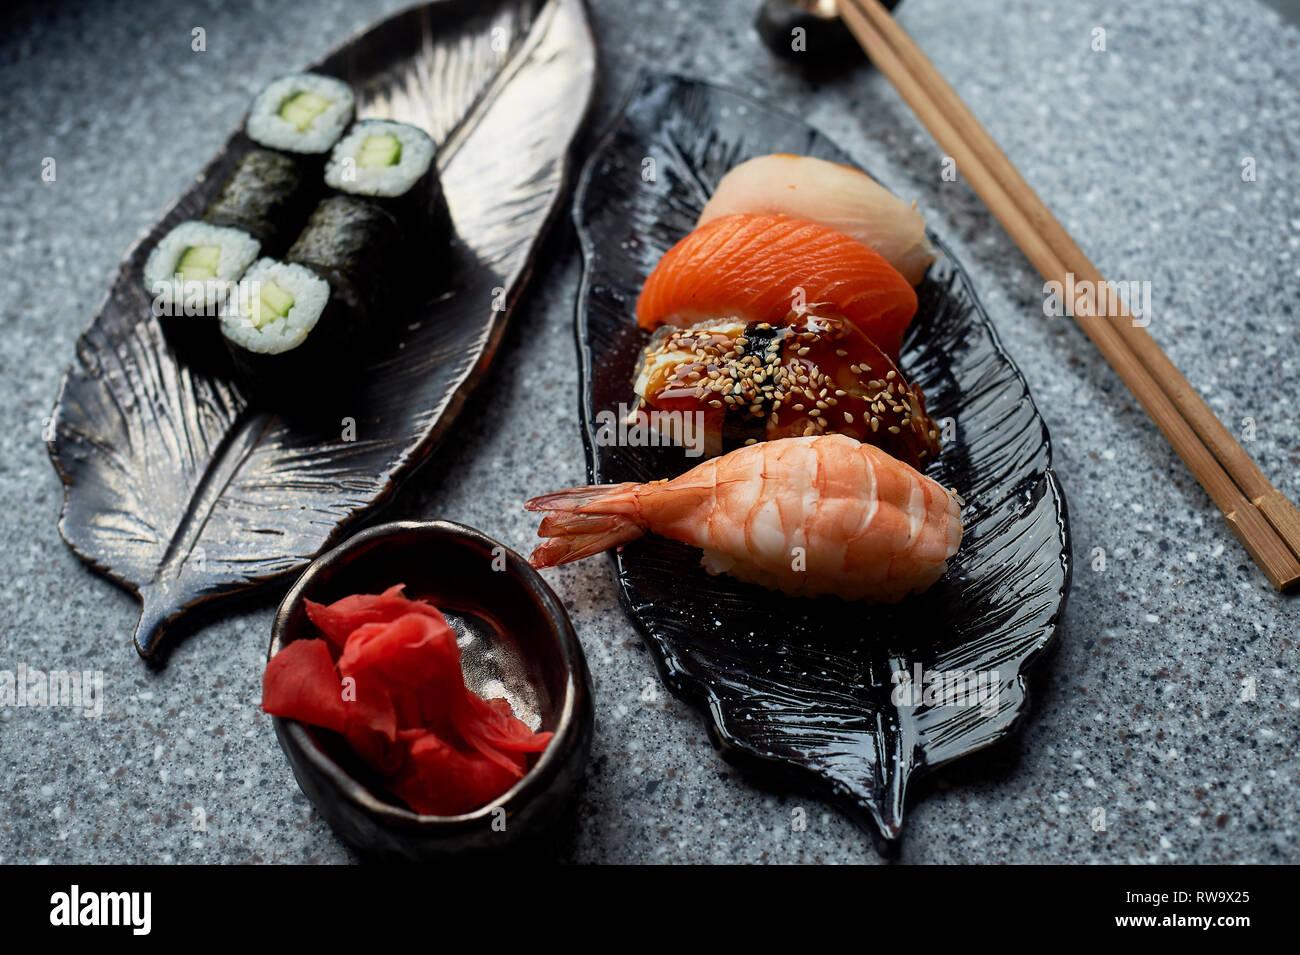 Japanische Küche auf handgefertigte Keramik. Stockbild